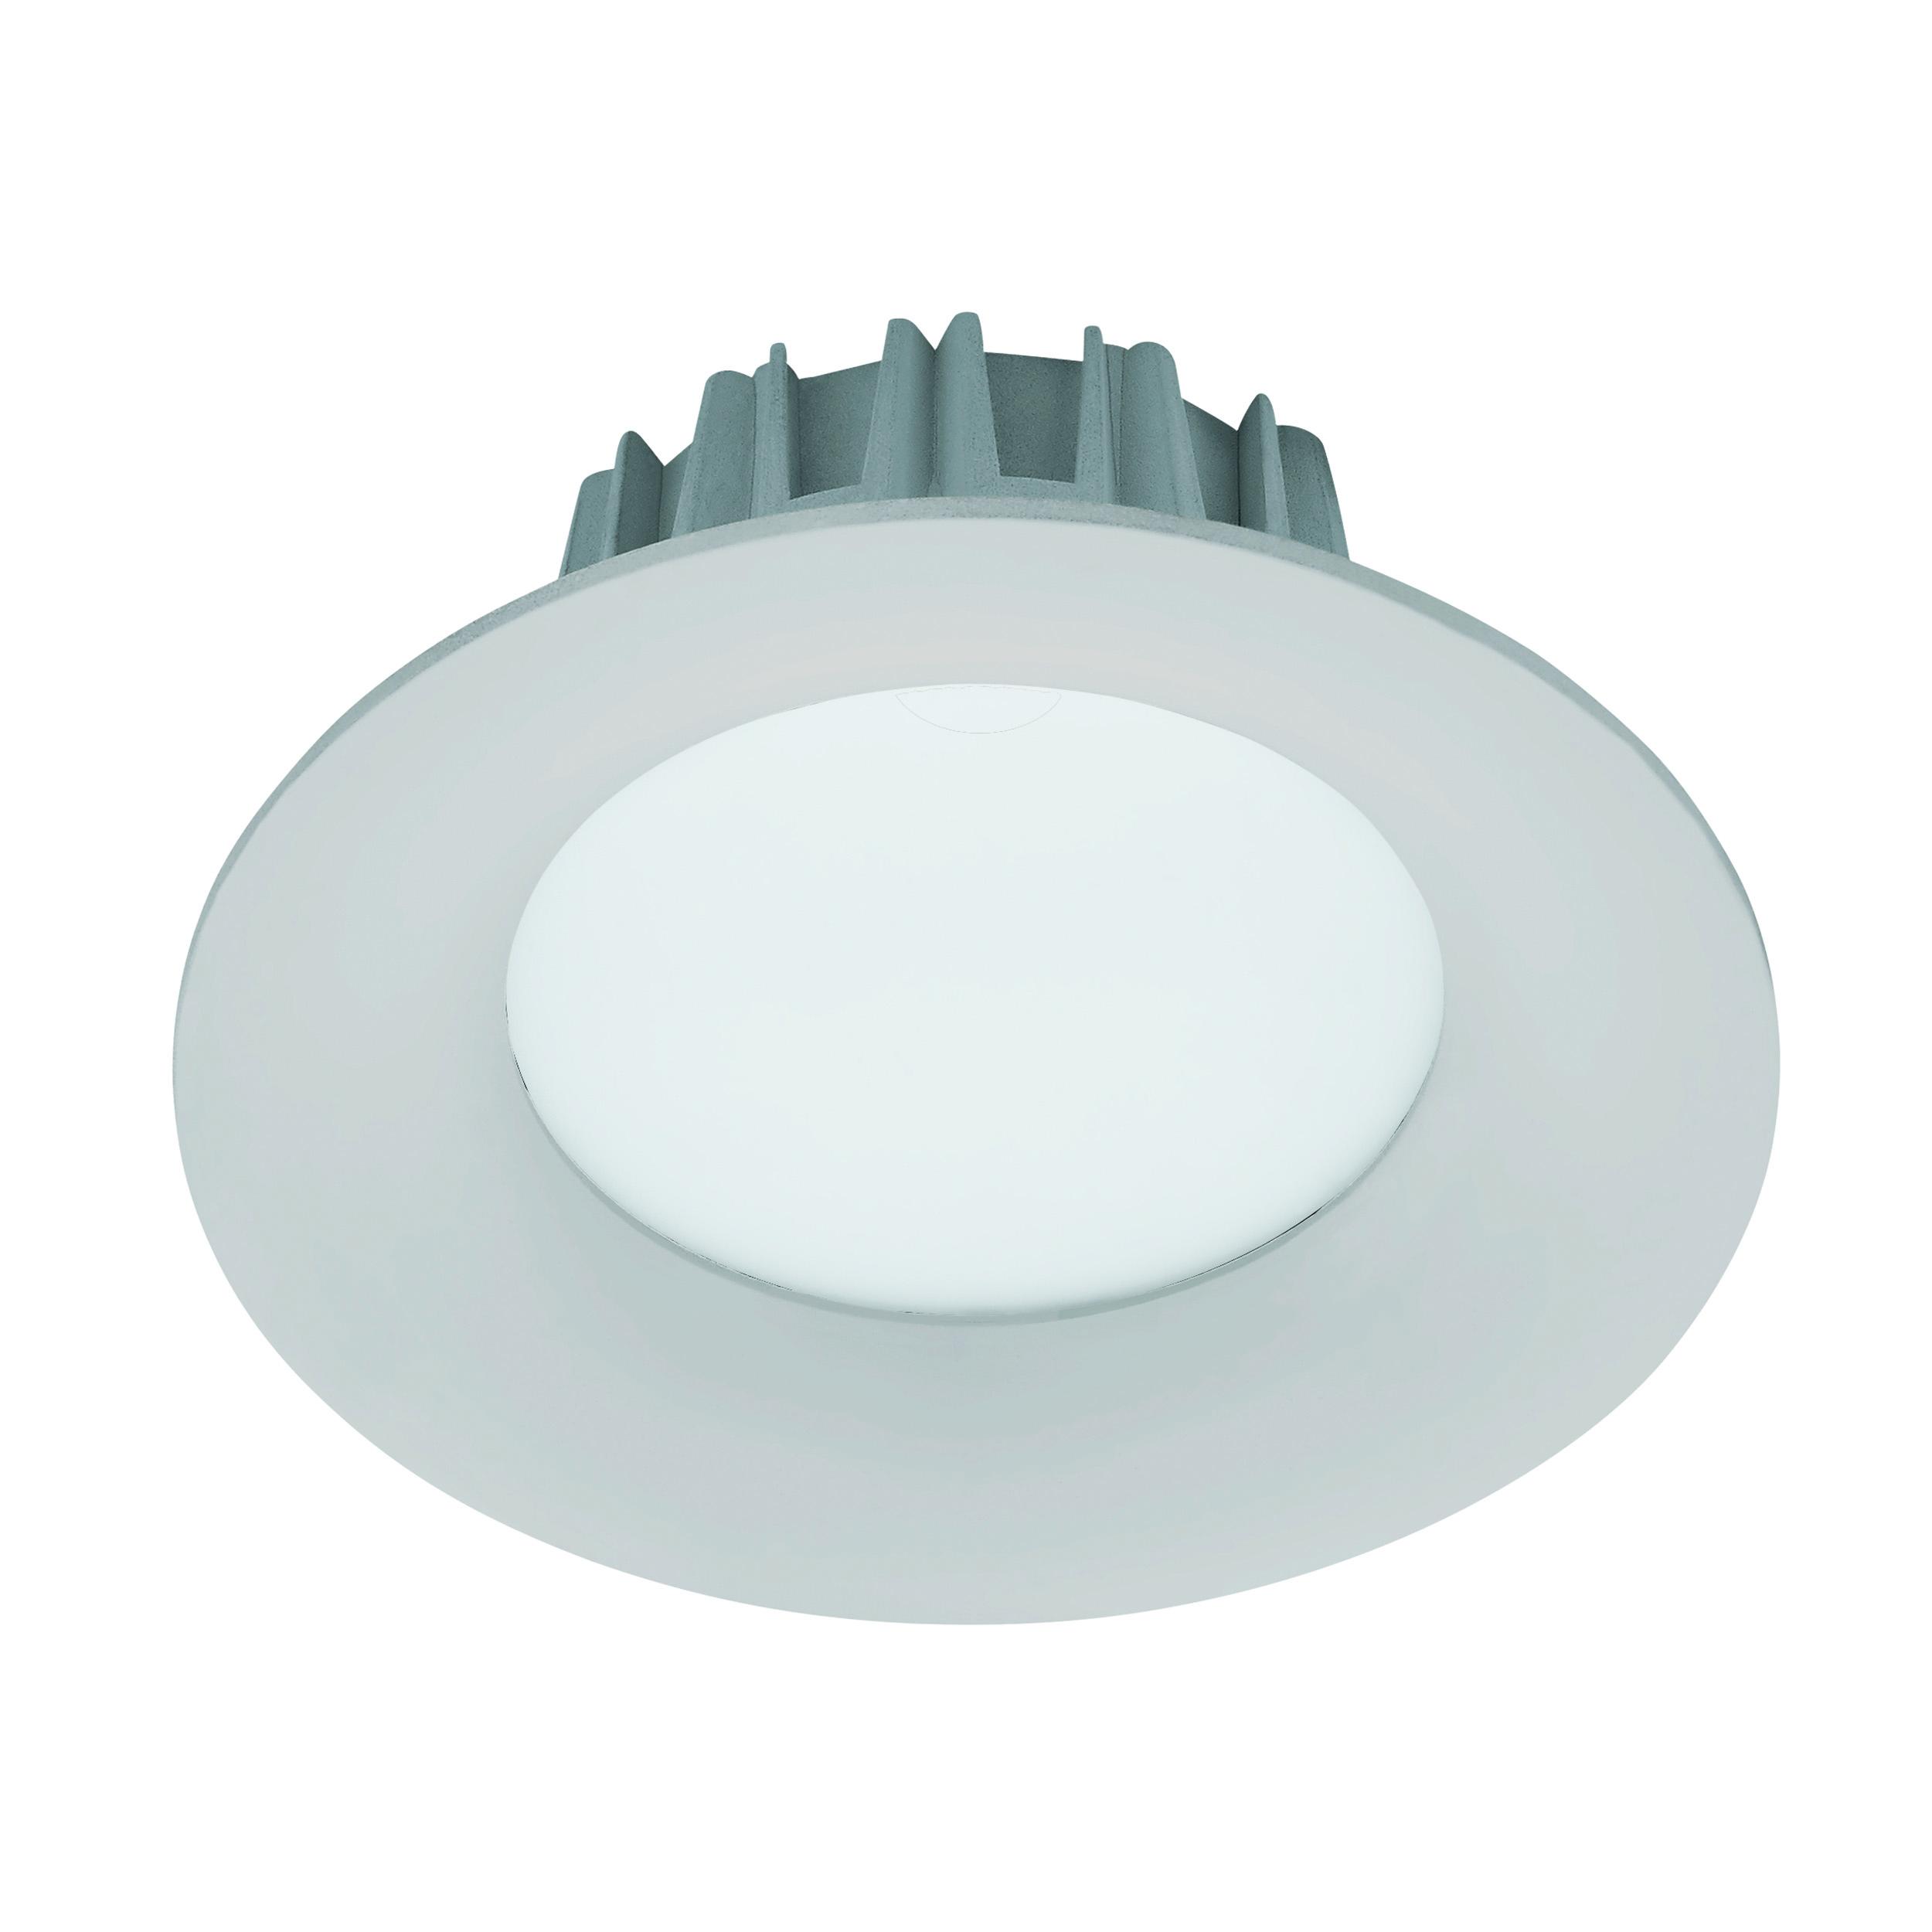 Ceiling Luminaires35799